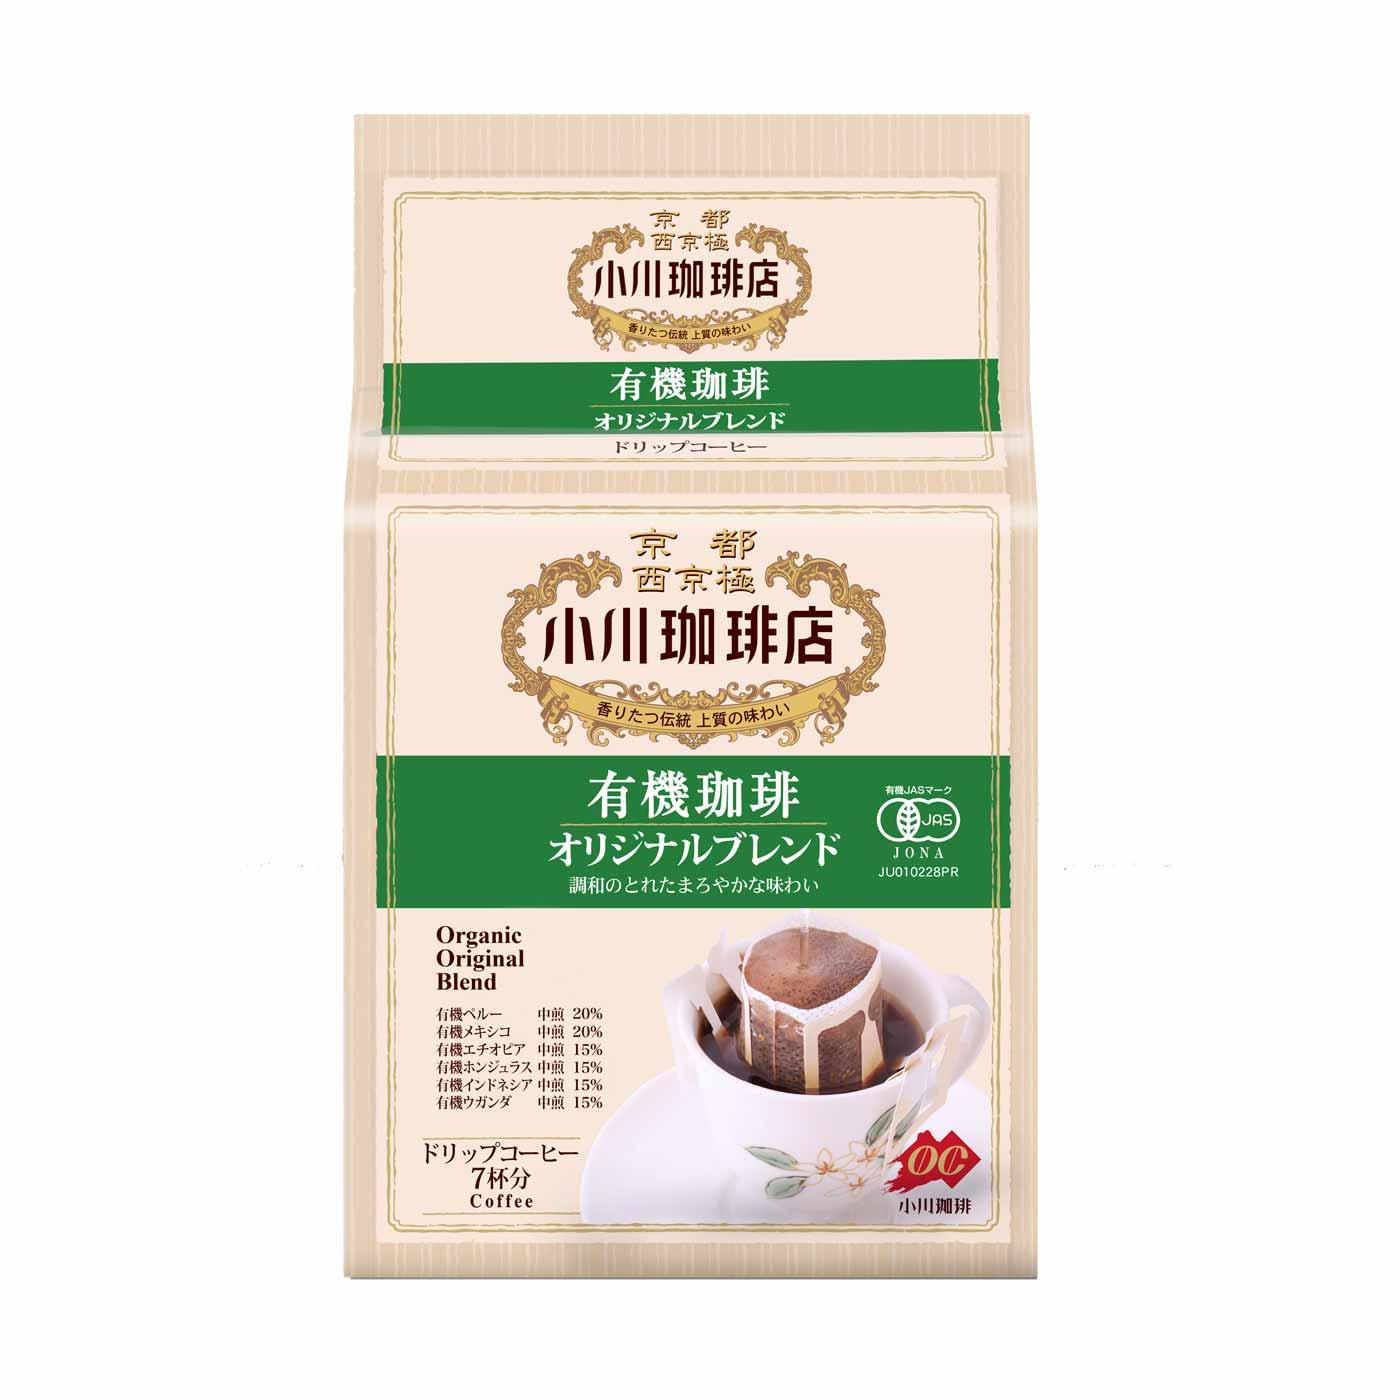 有機珈琲オリジナルブレンドドリップコーヒー7杯<:V01231999028:>